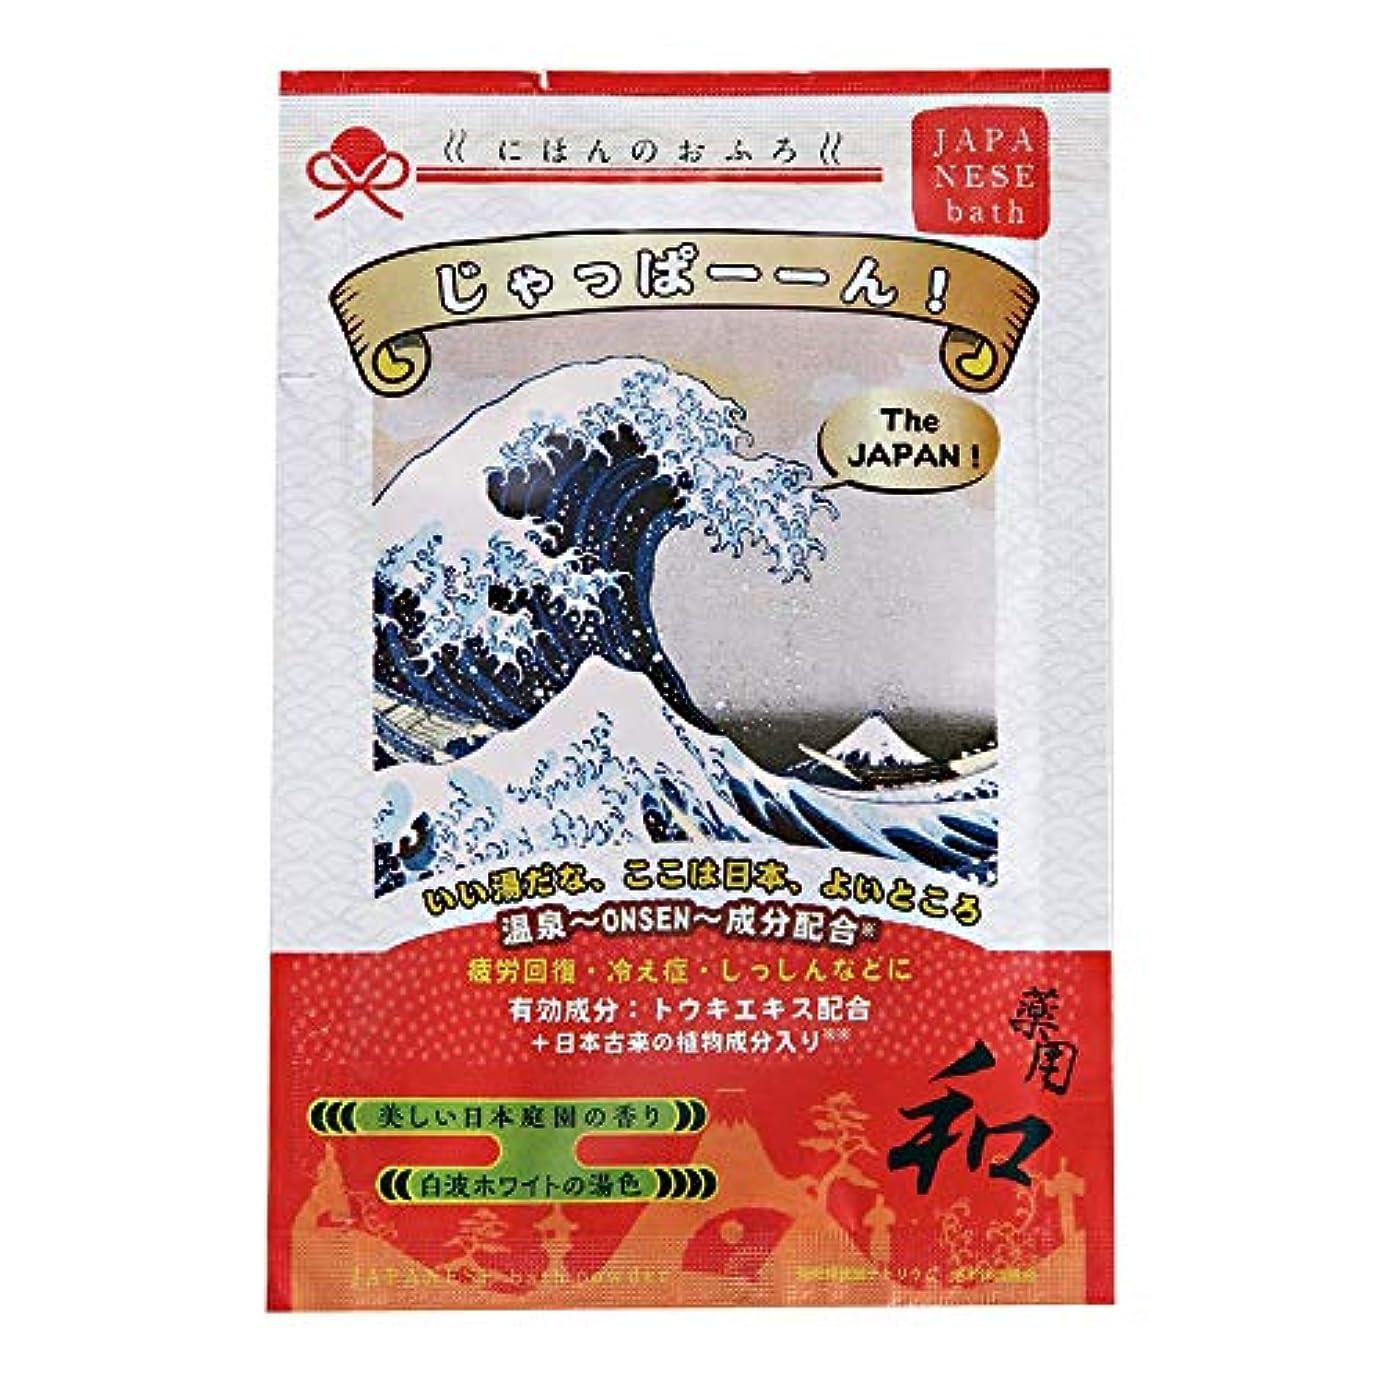 コーナー見積り掃くにほんのおふろ じゃっぱーーん 美しい日本庭園の香り 25g